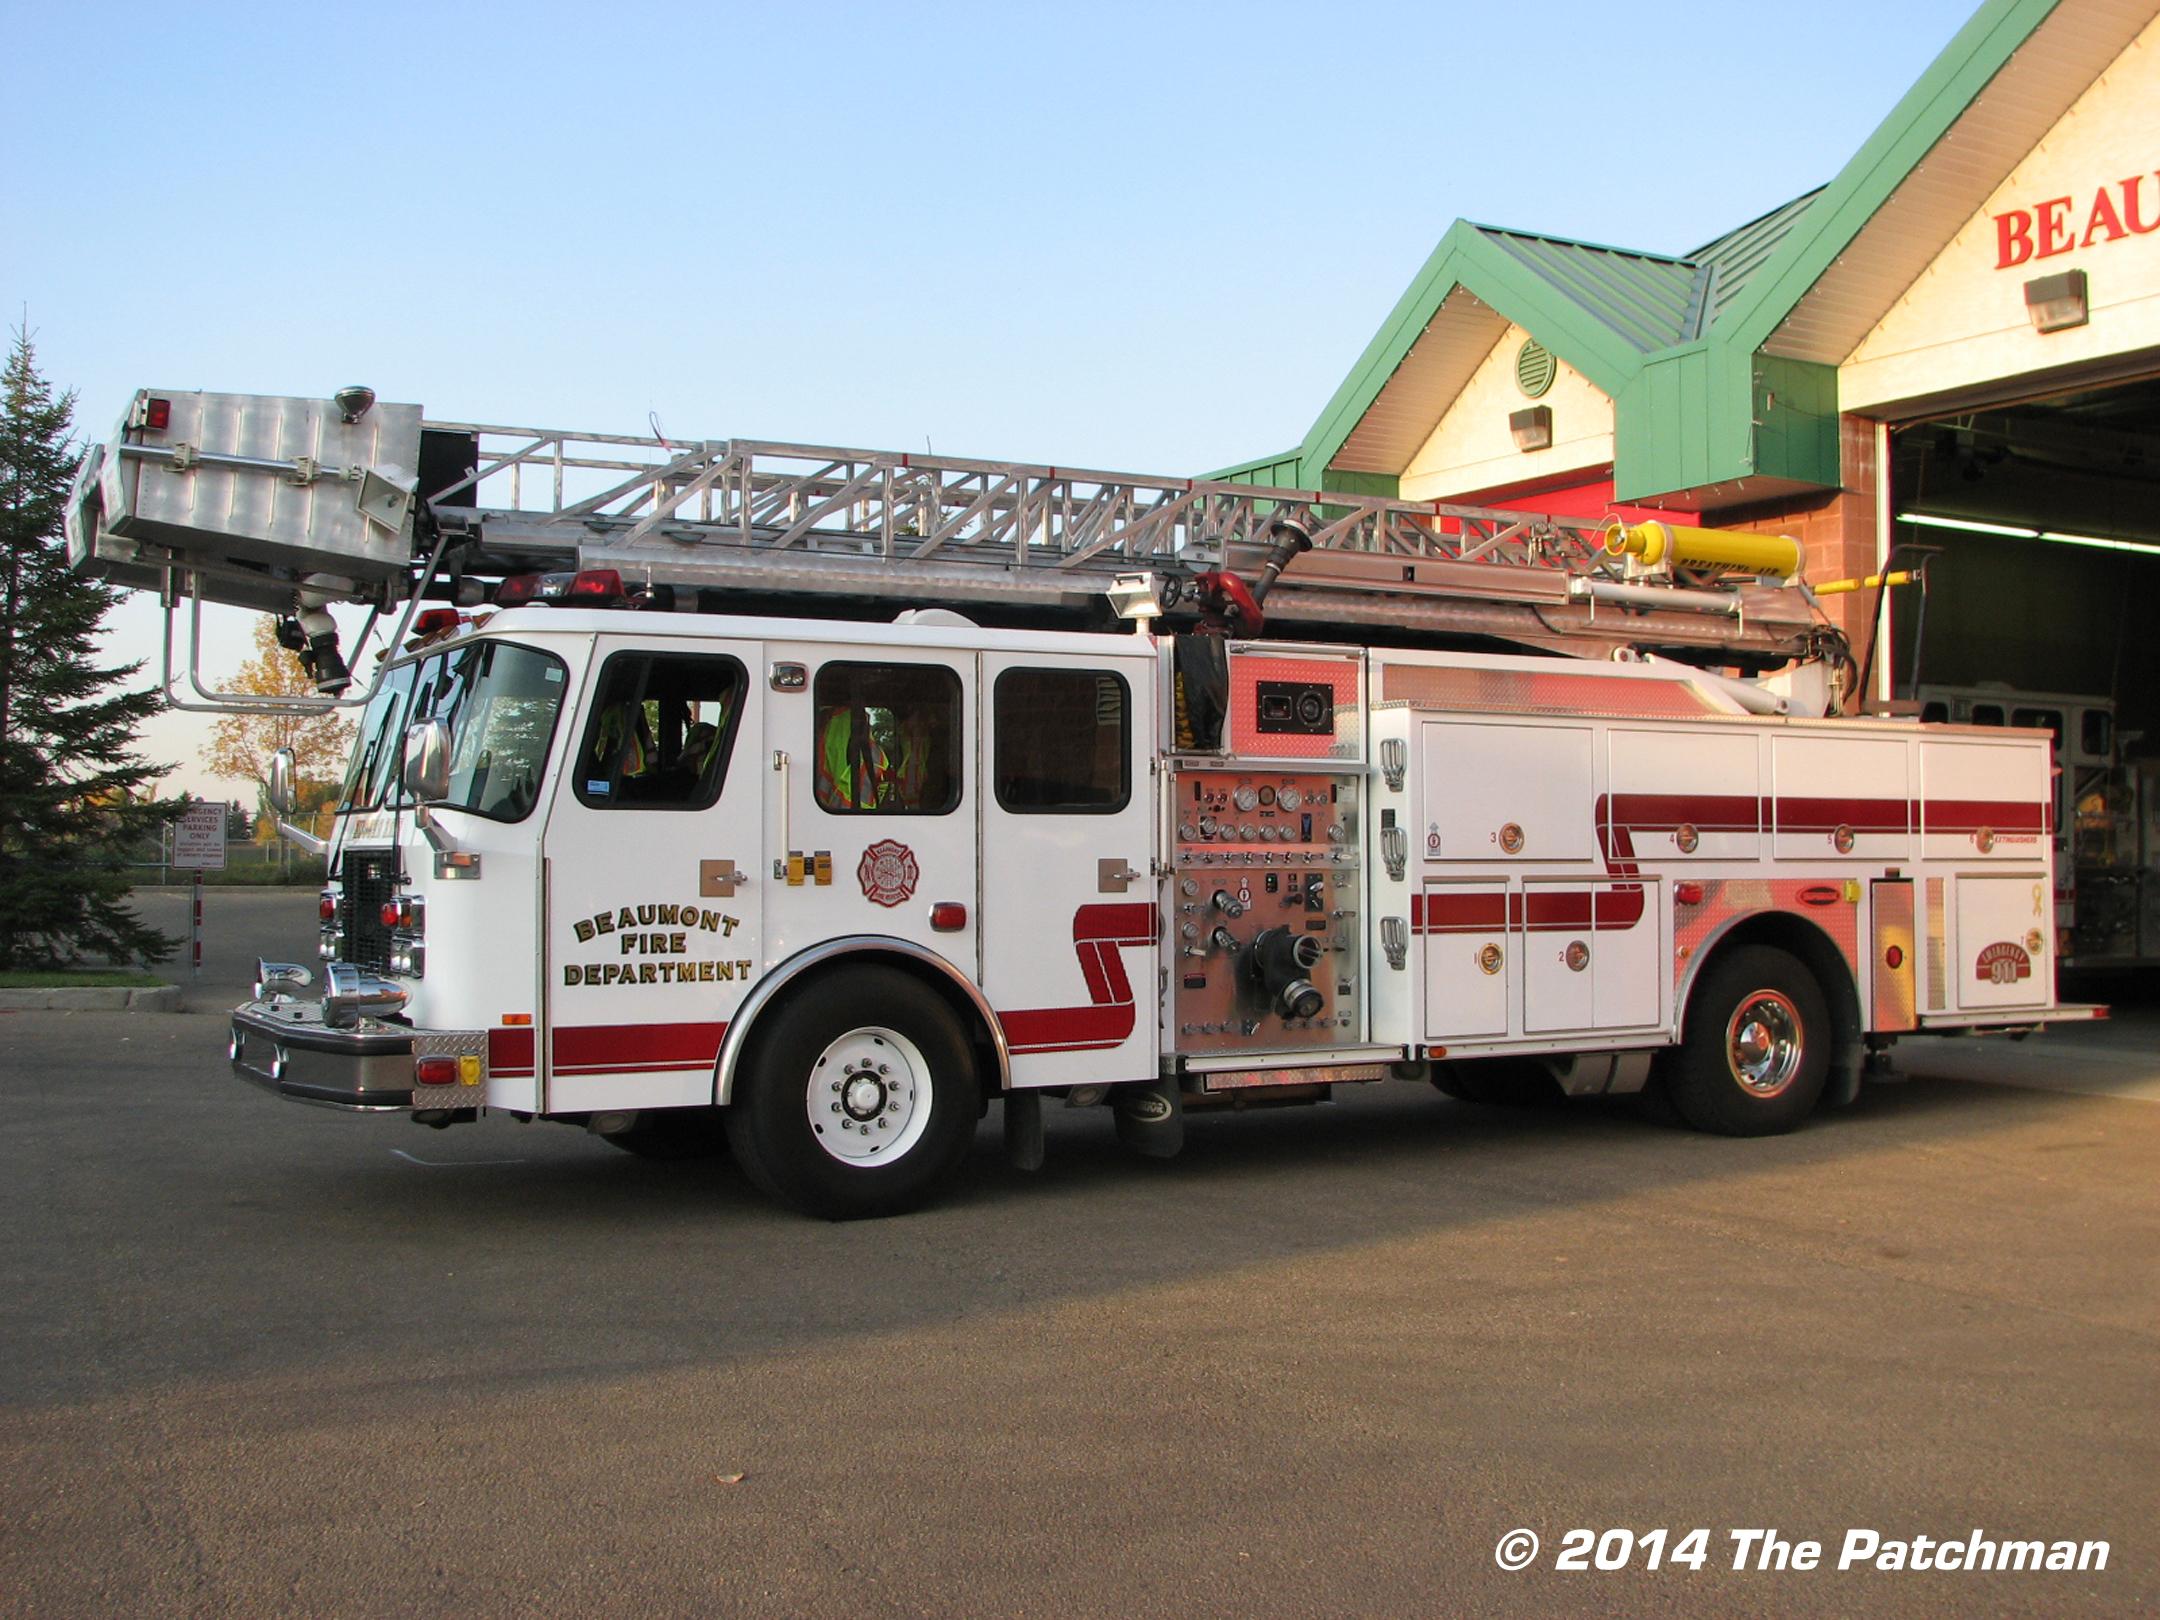 Beaumont Fire Dept